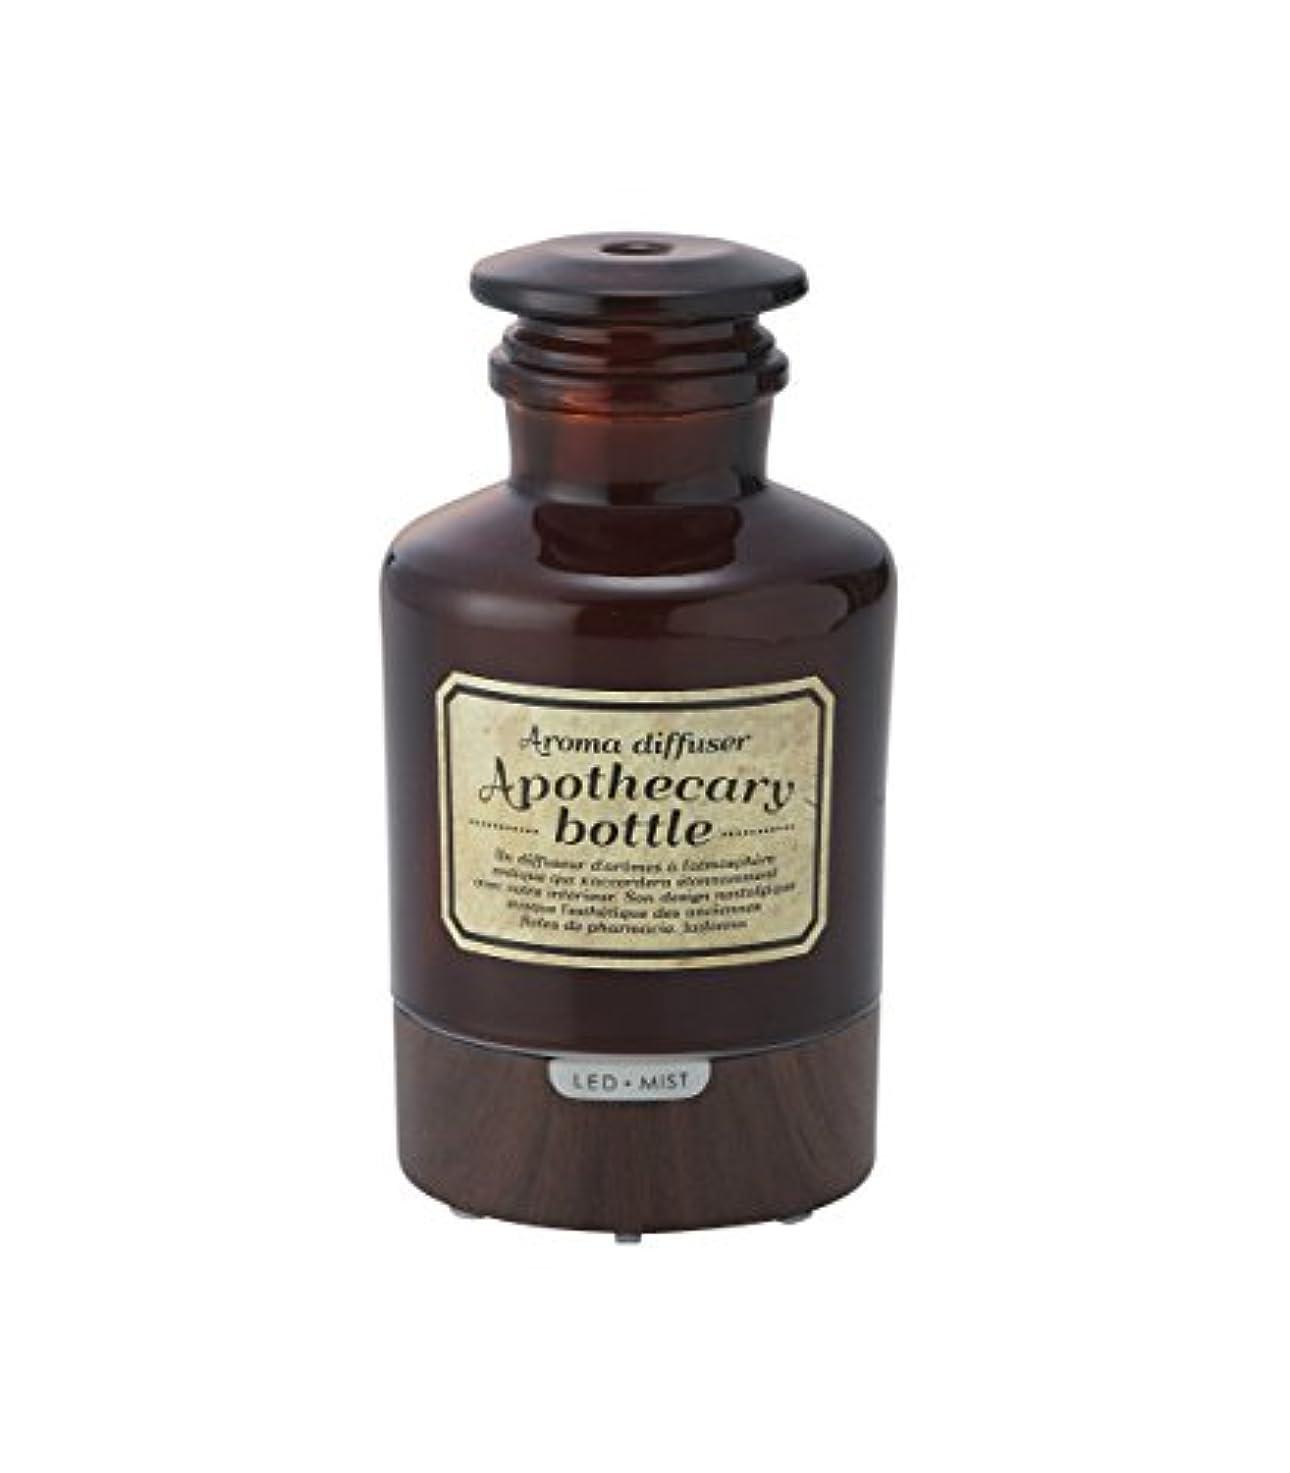 安全なエキゾチック取り消すラドンナ アロマディフューザー アポセカリーボトル ADF21-AB ブラウン